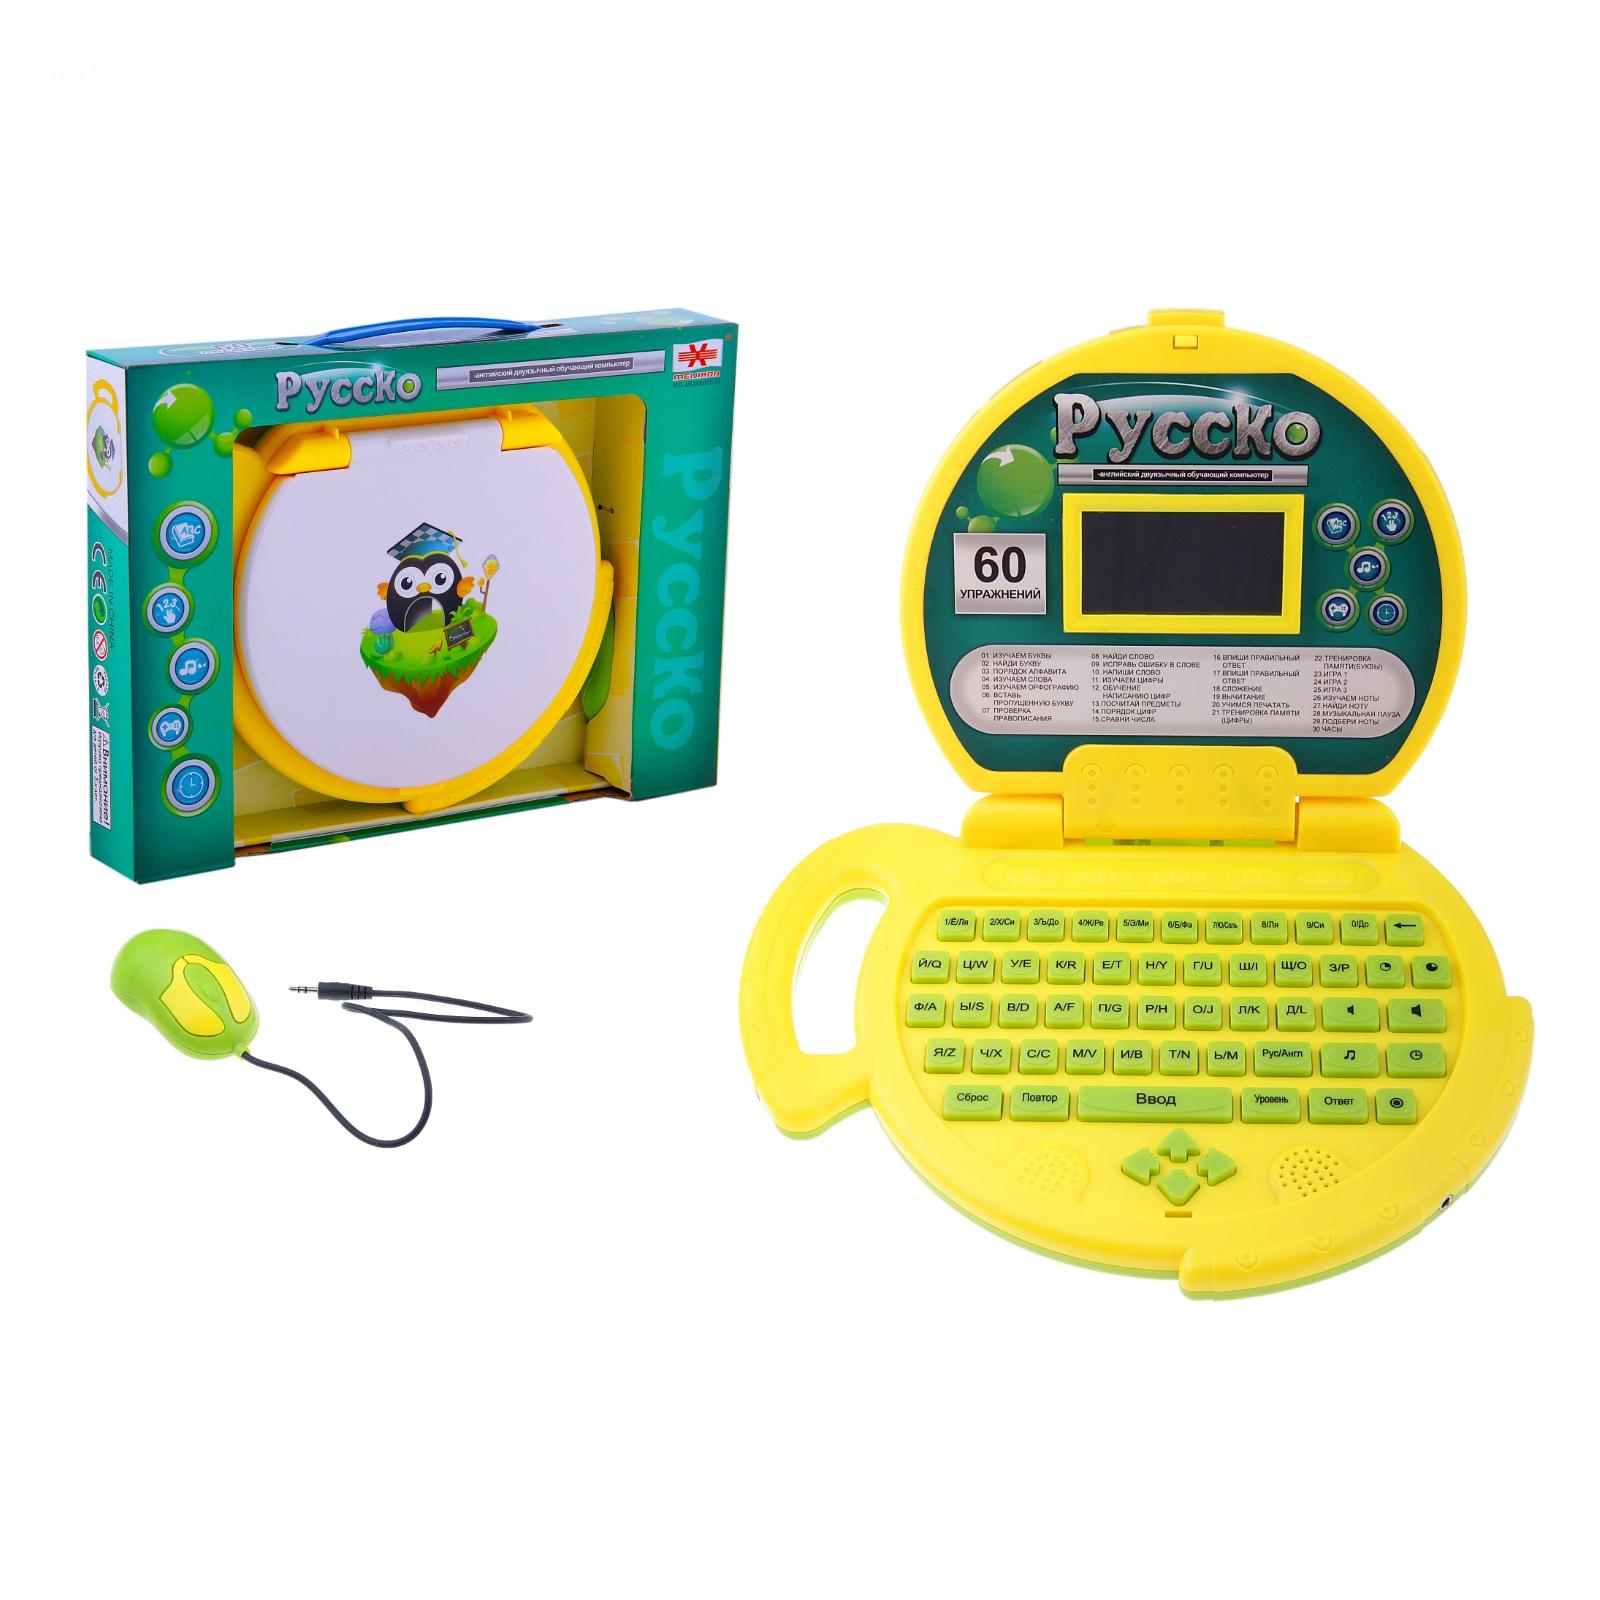 Компьютер для изучения английского языка детям фото